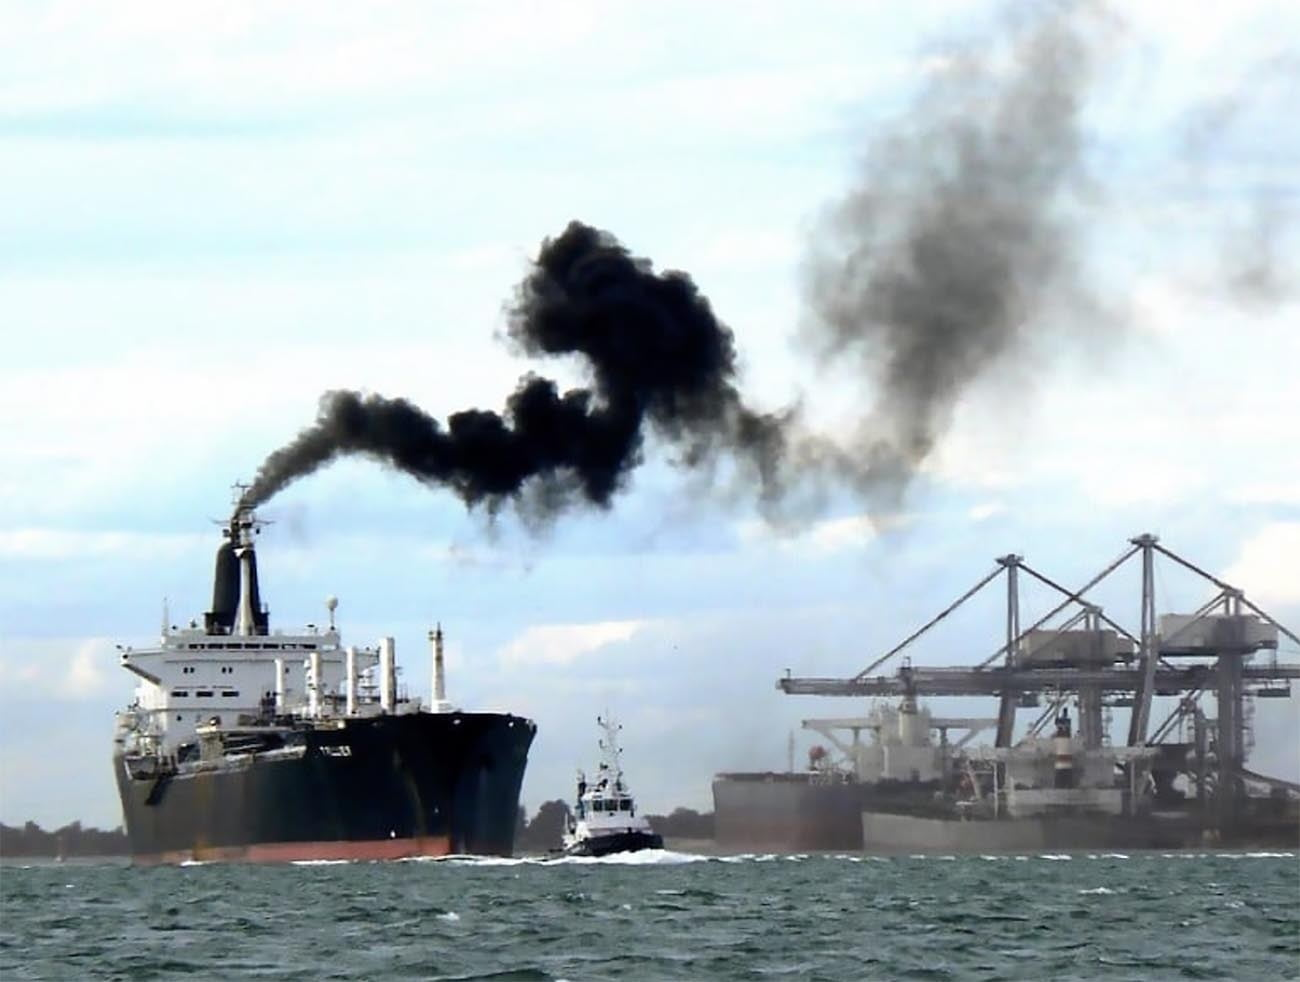 Imagem de navio expelindo fumaça negra